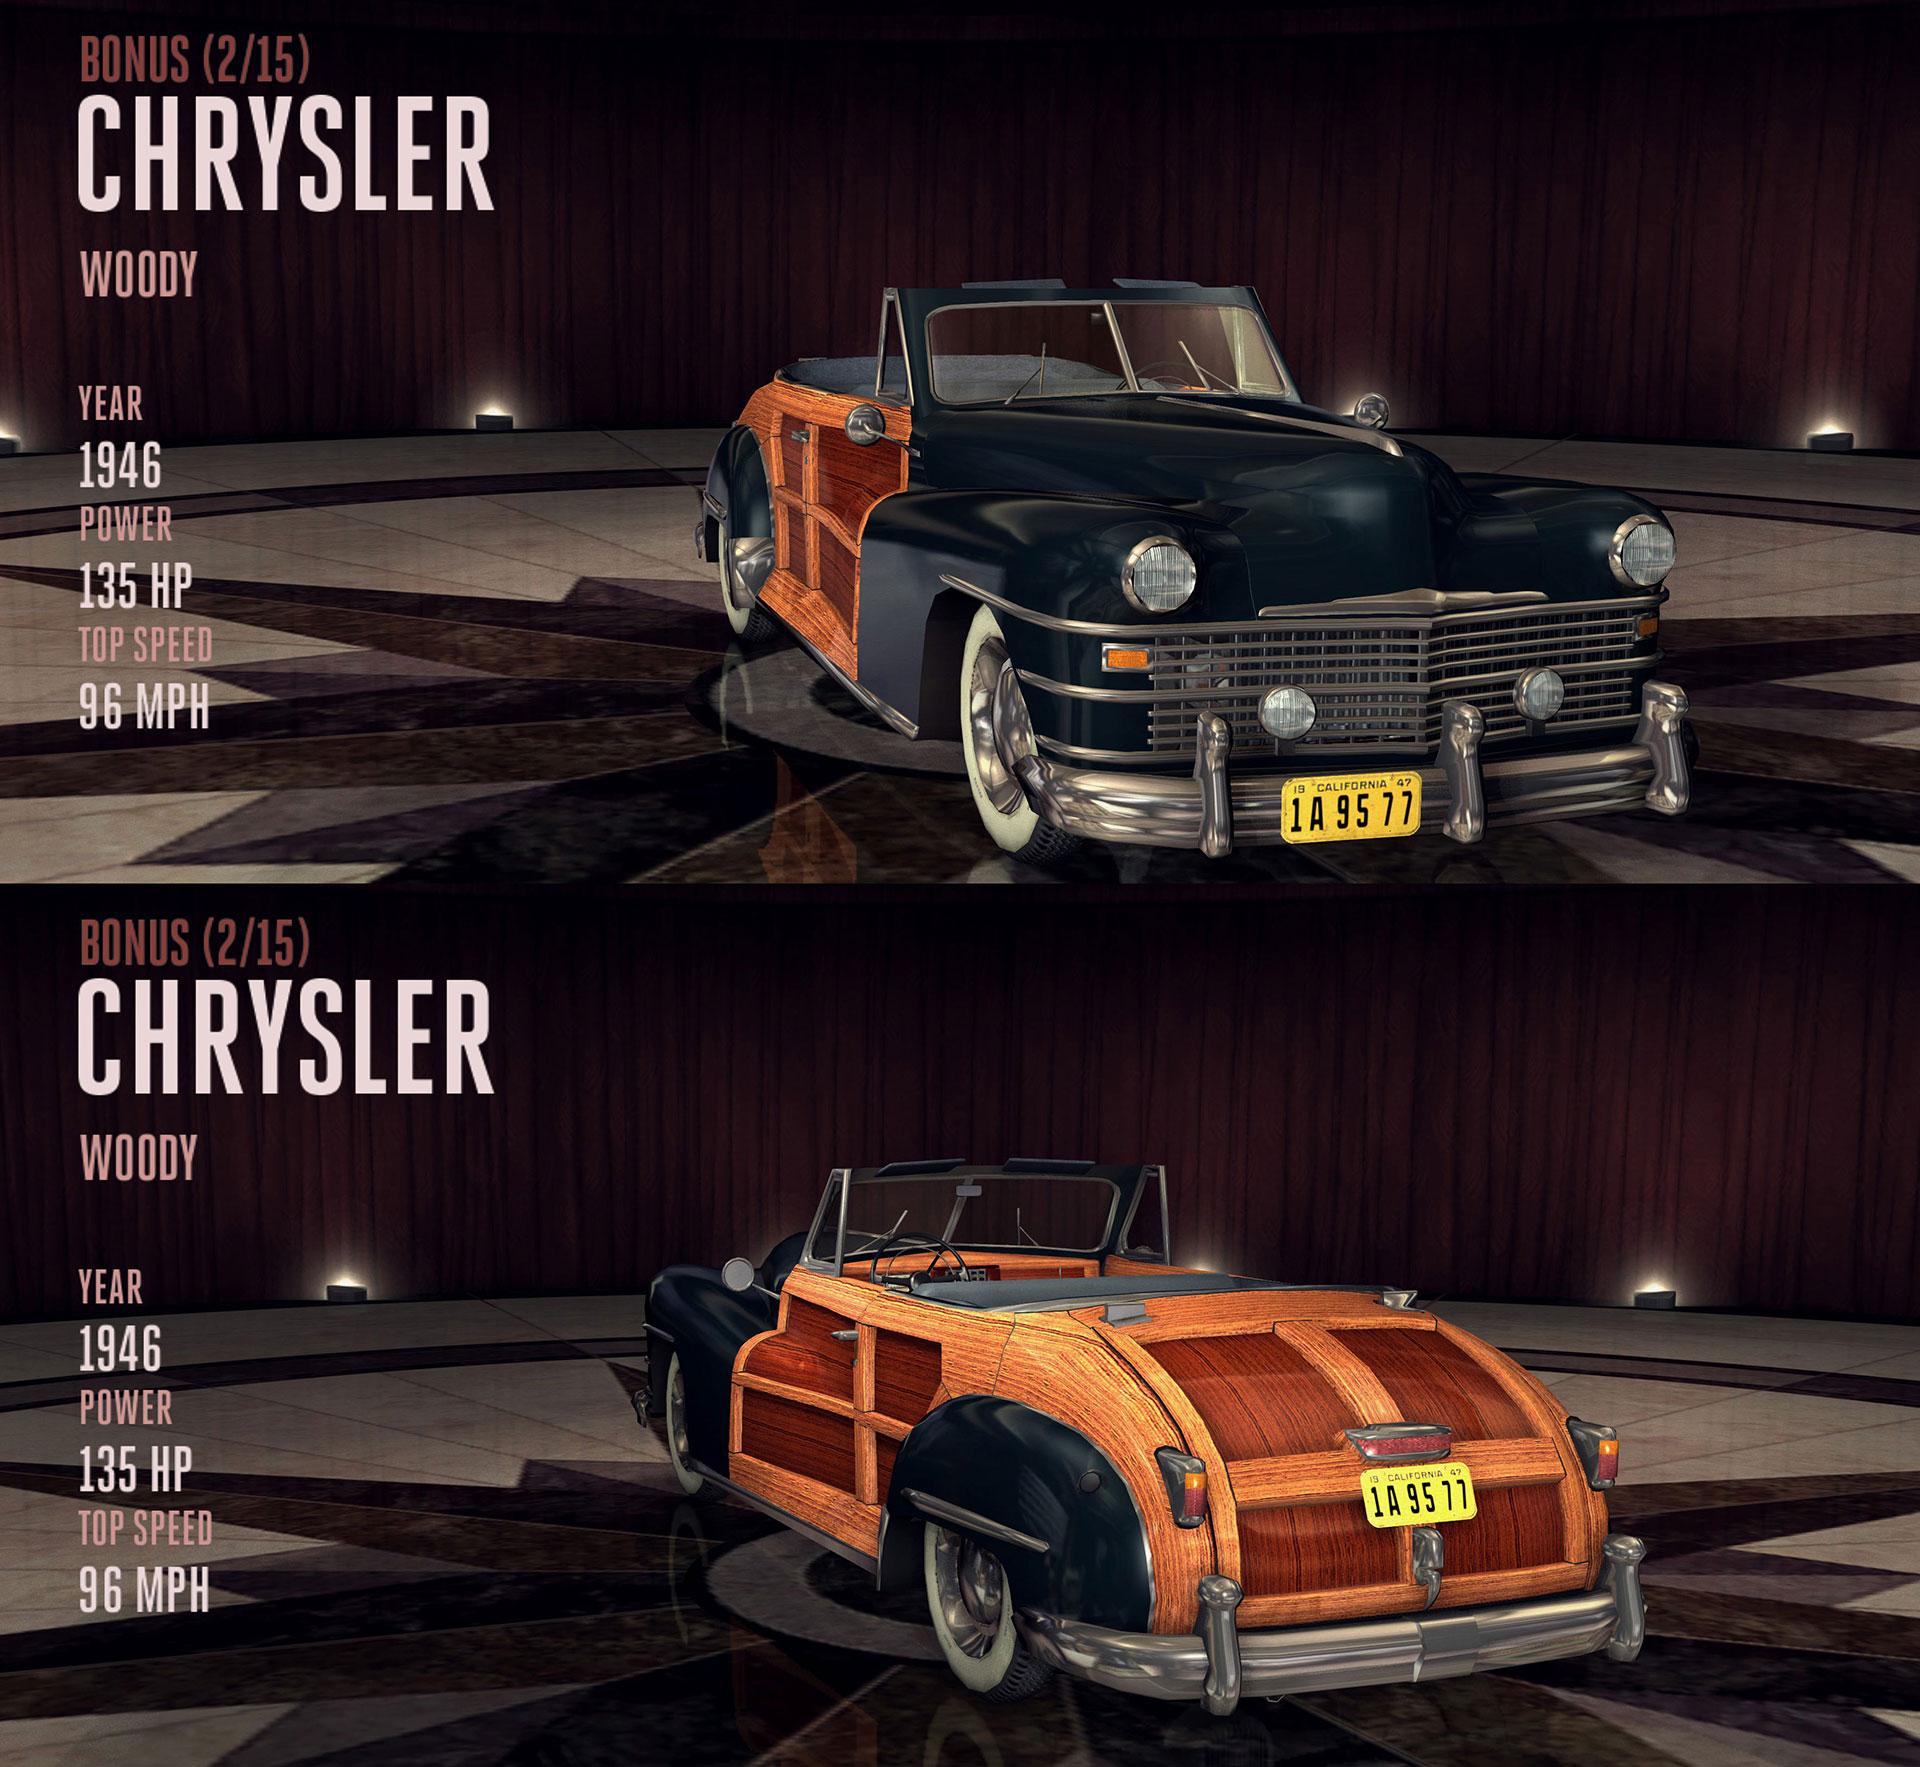 Chrysler Woody